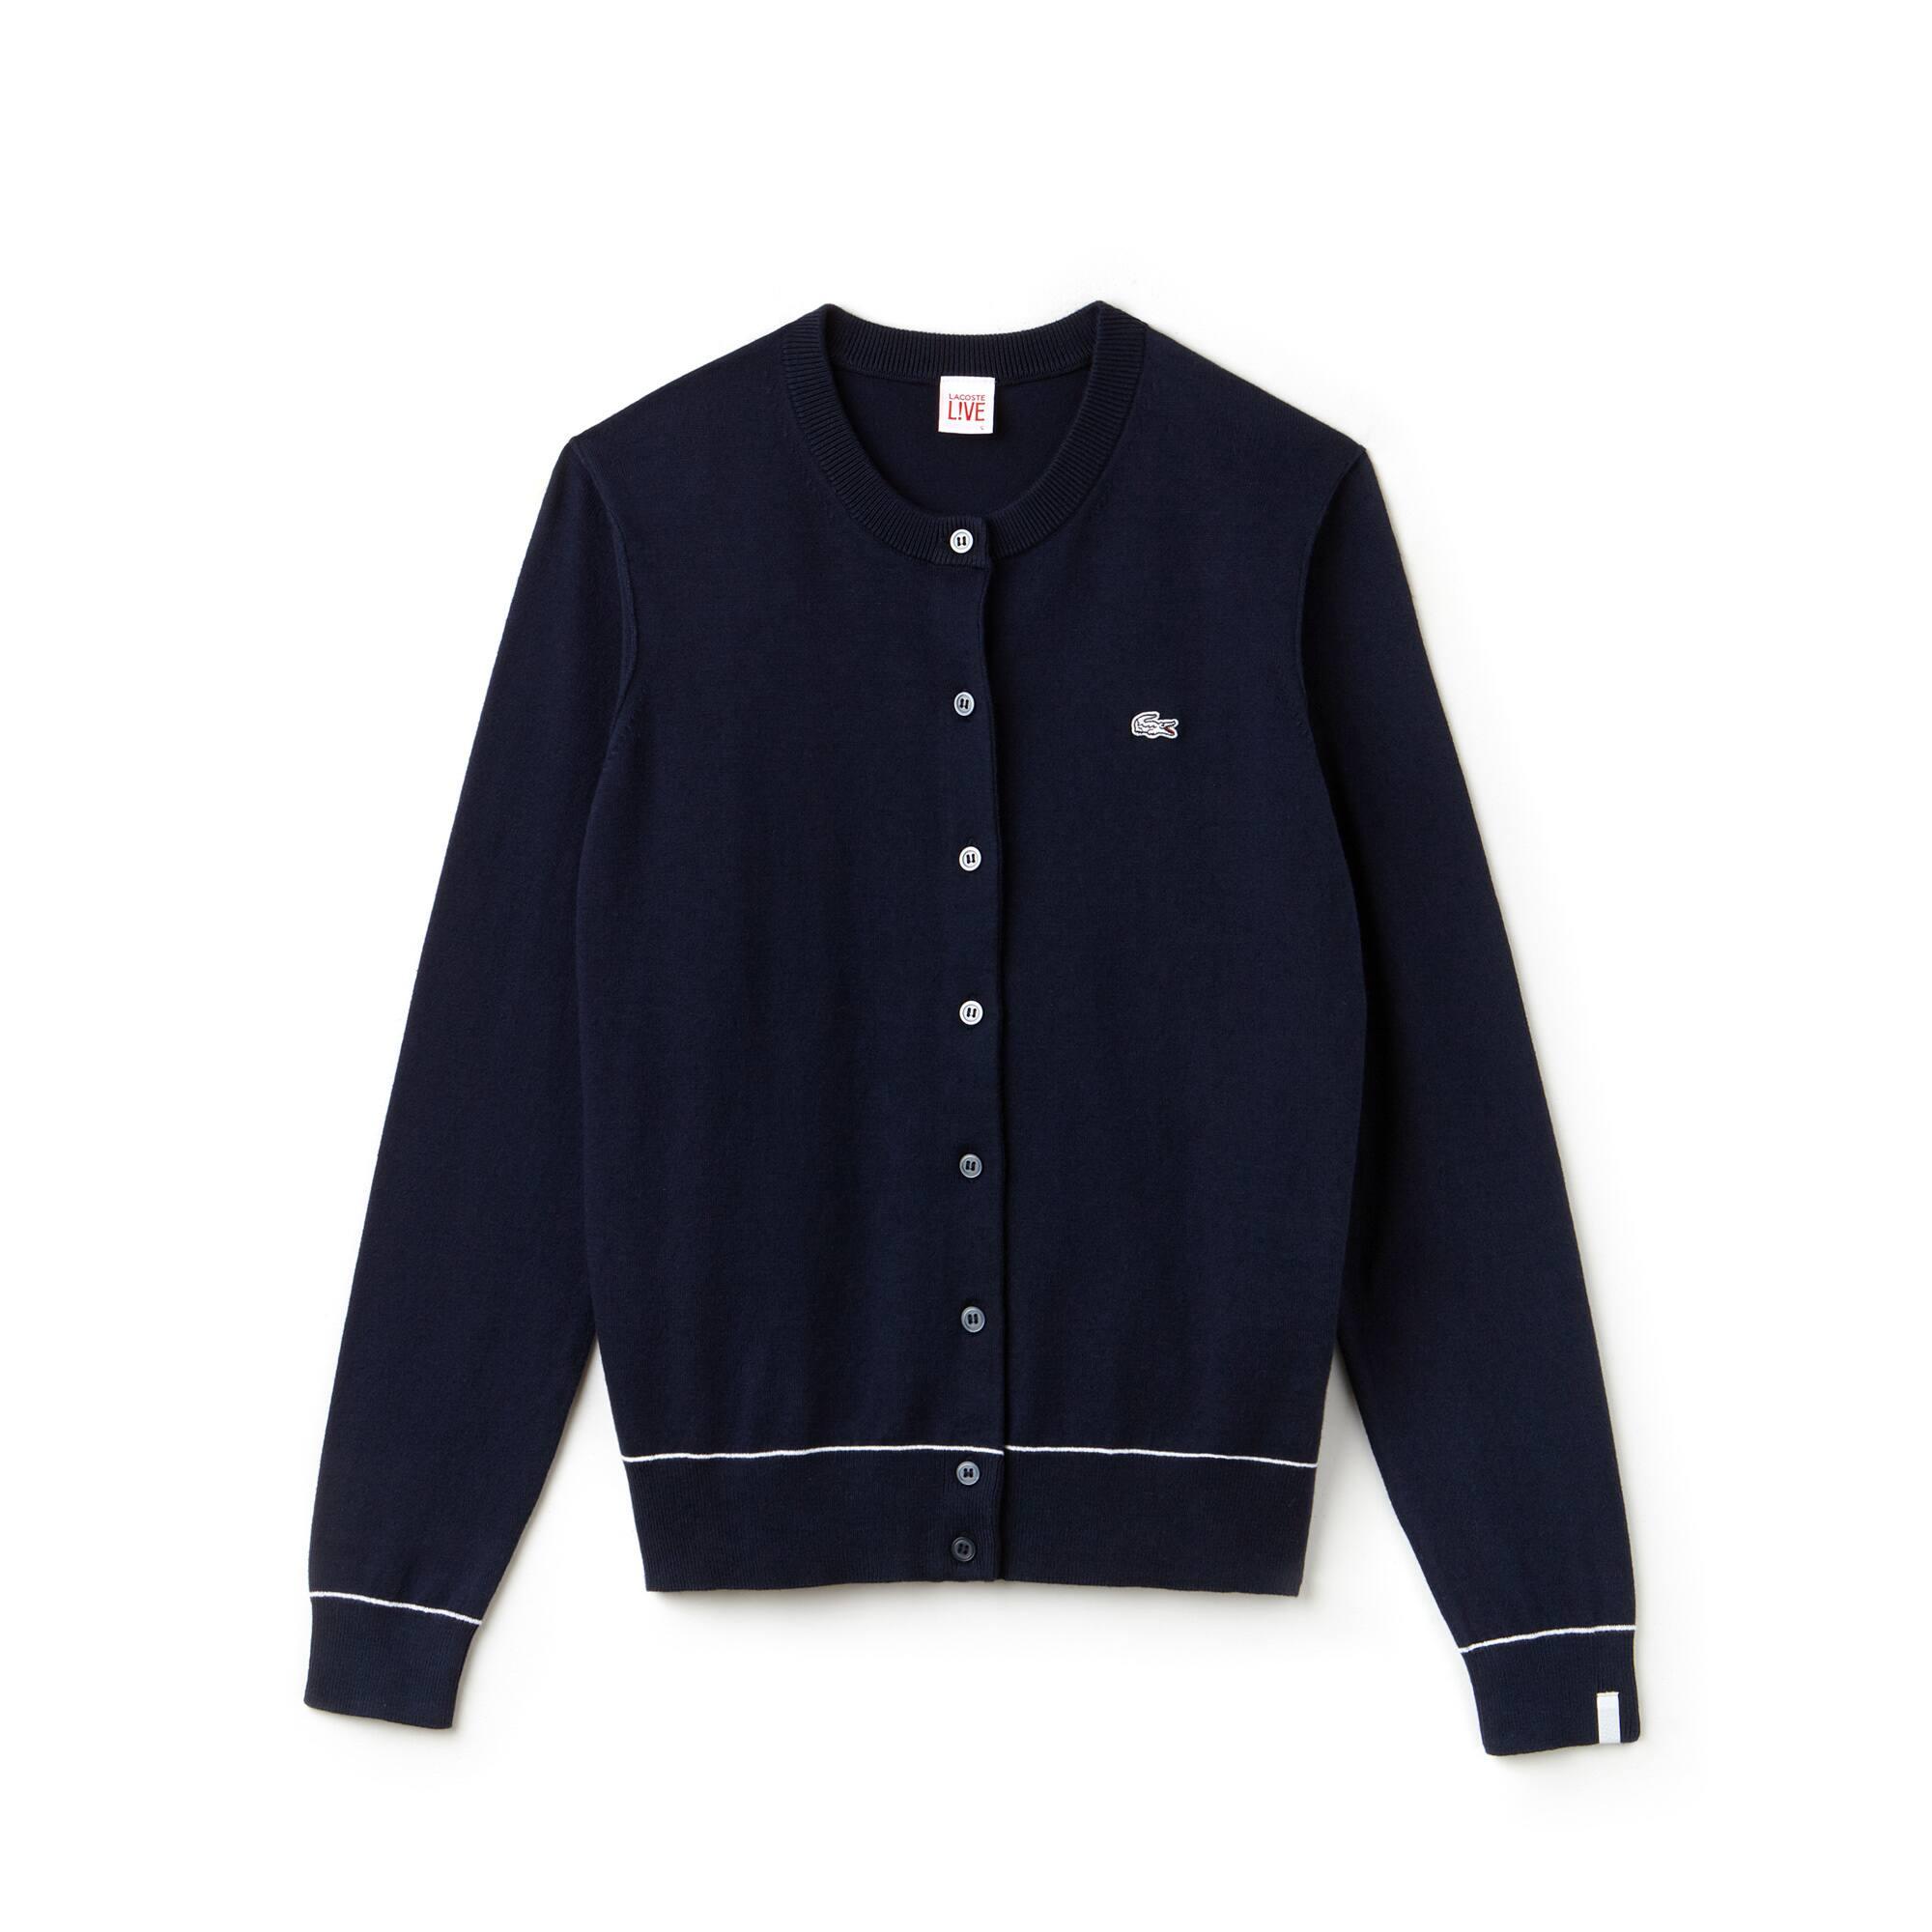 Cárdigan de cuello redondo Lacoste LIVE de punto jersey de algodón y seda liso